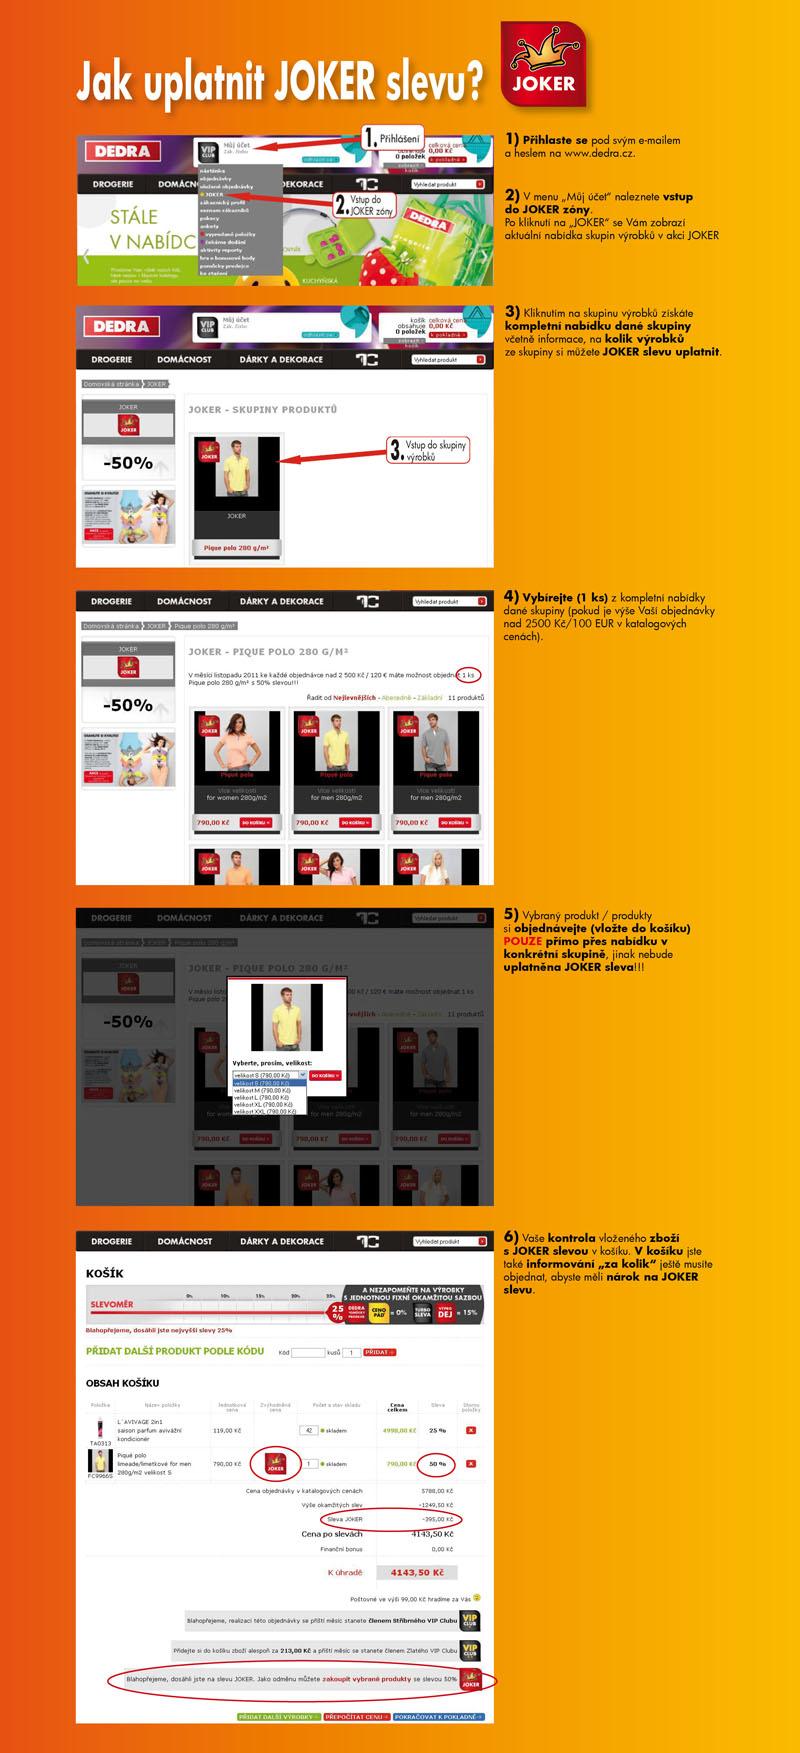 http://www.dedra.cz/dokumenty/2011/10/vip_club_joker.jpg